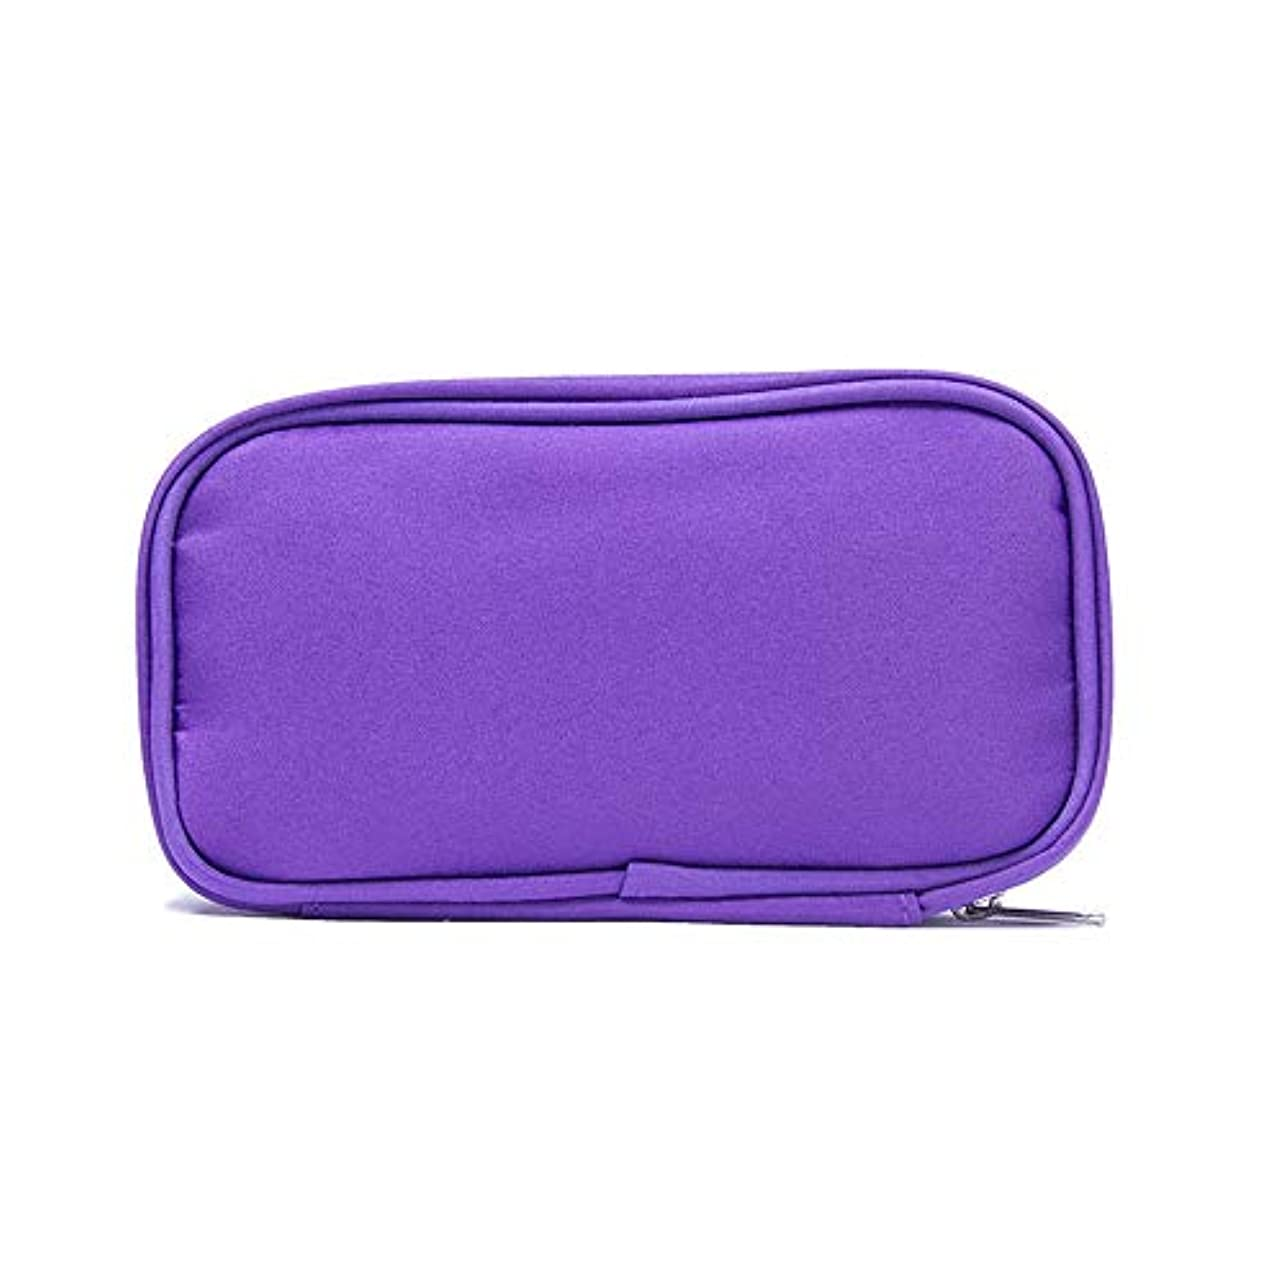 管理者助けになる結婚する精油ケース 10本のボトル用エッセンシャルオイルの収納ケースは、10?15mlのバイアル3色を保持します 携帯便利 (色 : 紫の, サイズ : 17.5X6X10CM)